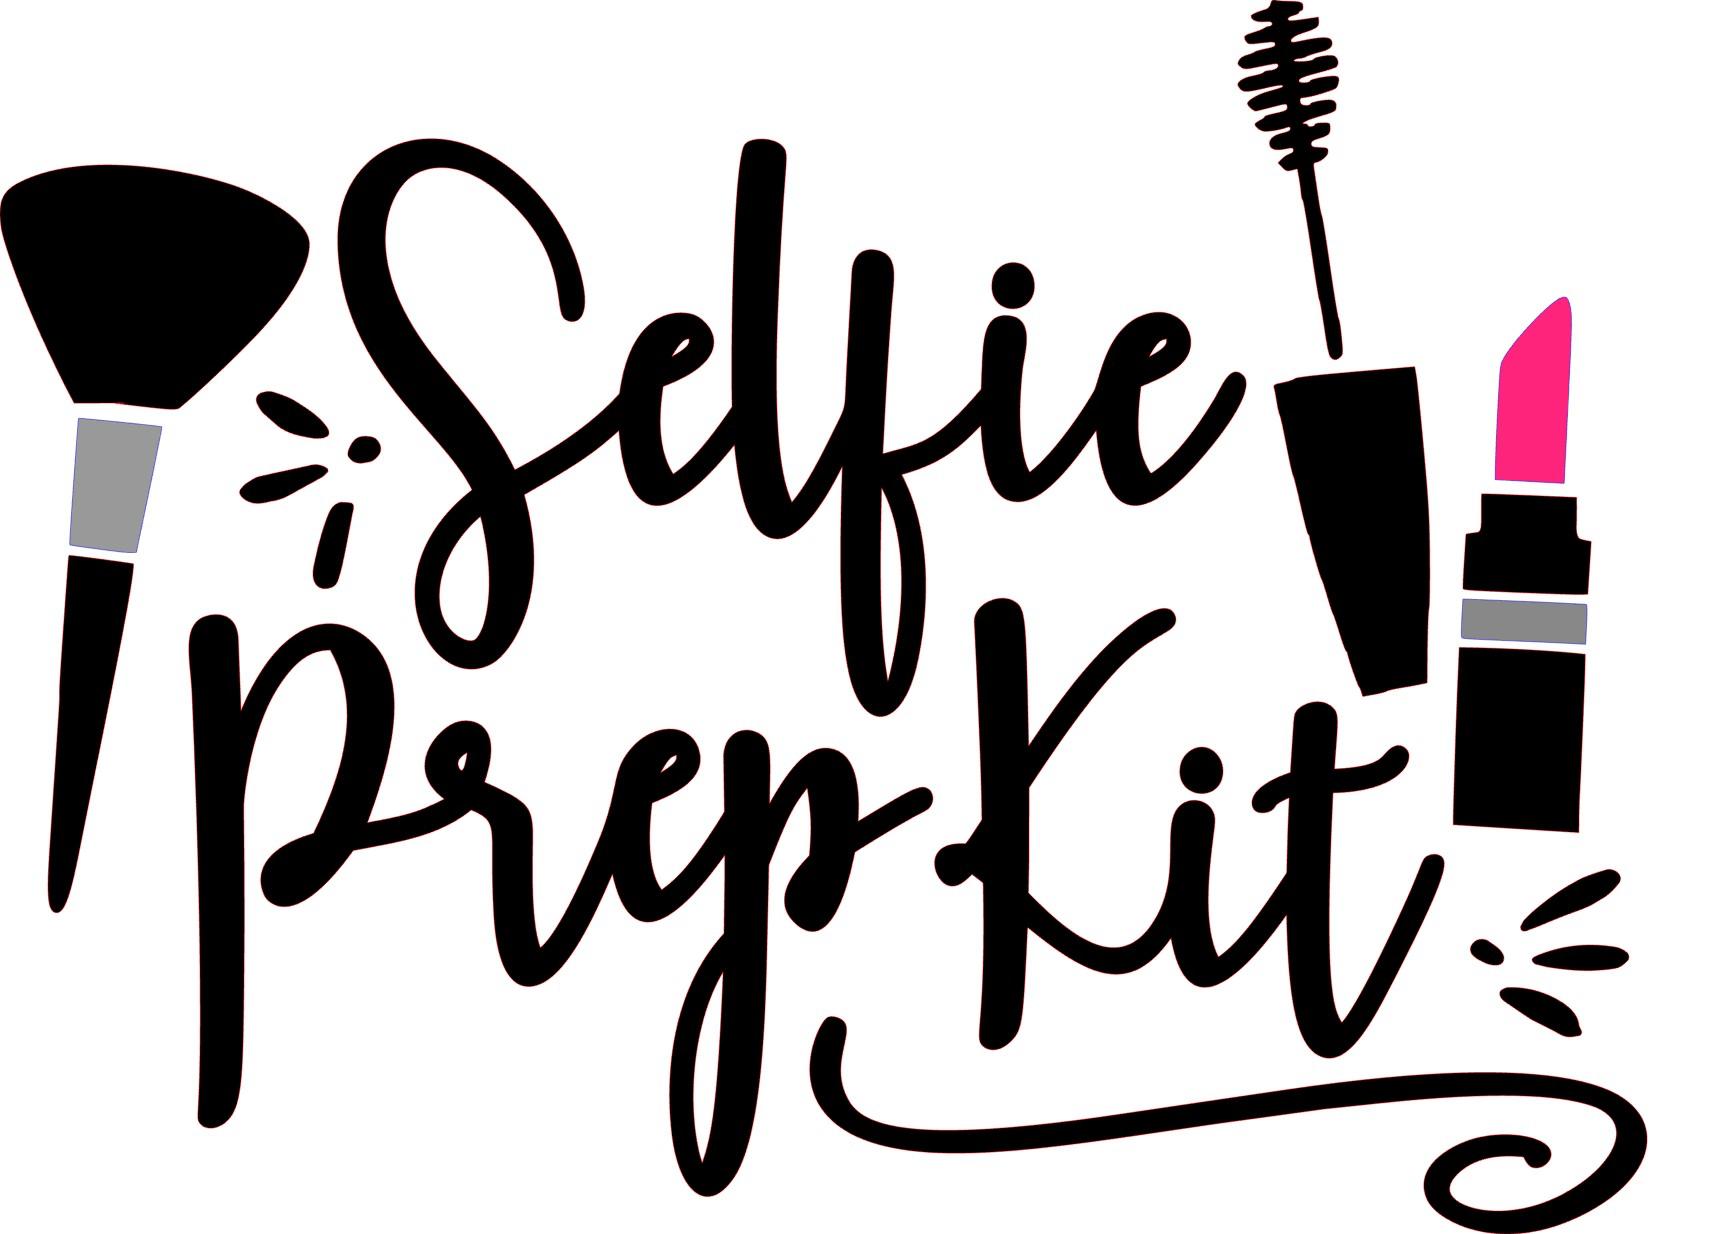 Selfie Prep Kit Graphic By Jlo Tirado Designs Creative